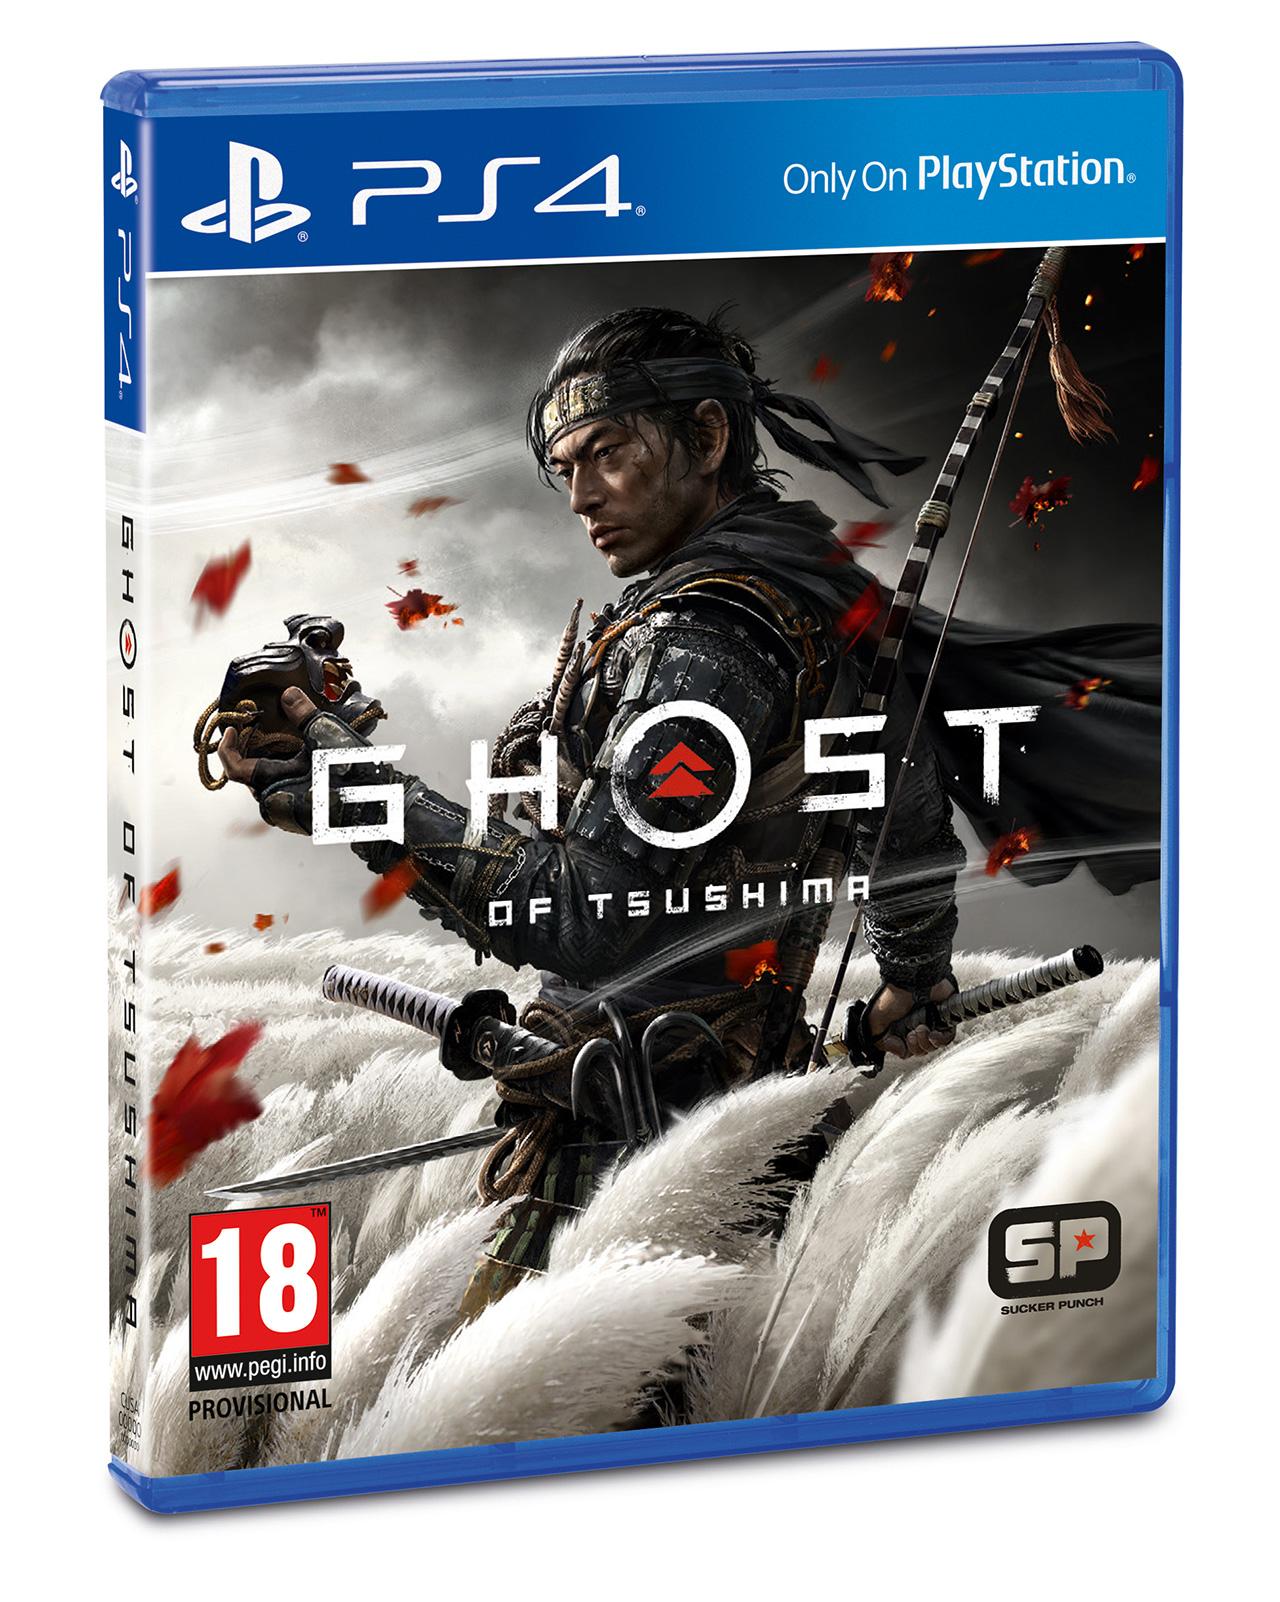 Ghost of Tsushima | Novo trailer revela data de lançamento